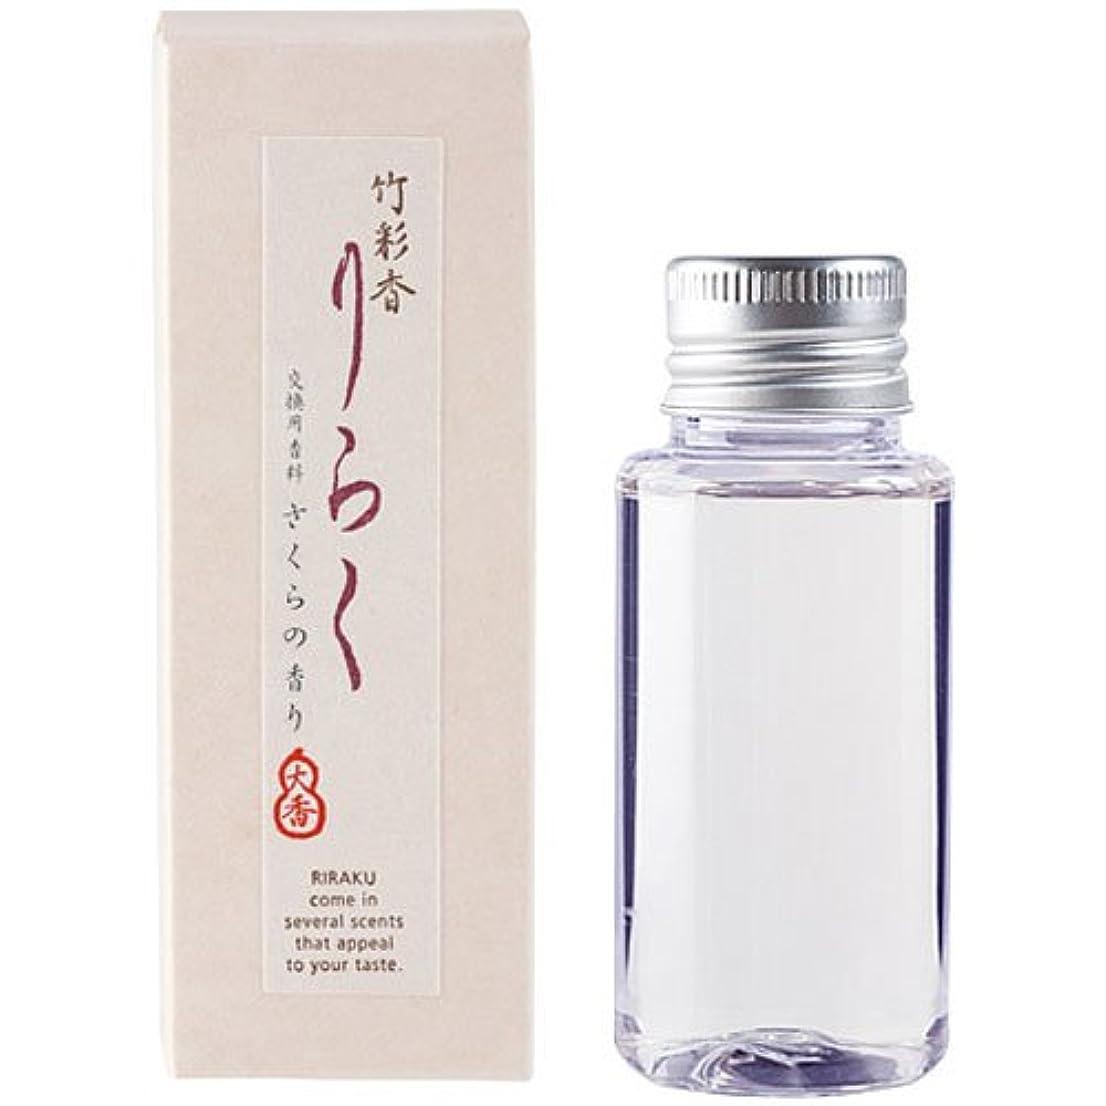 列車ワックス居間竹彩香りらく 交換用香料さくら 50ml